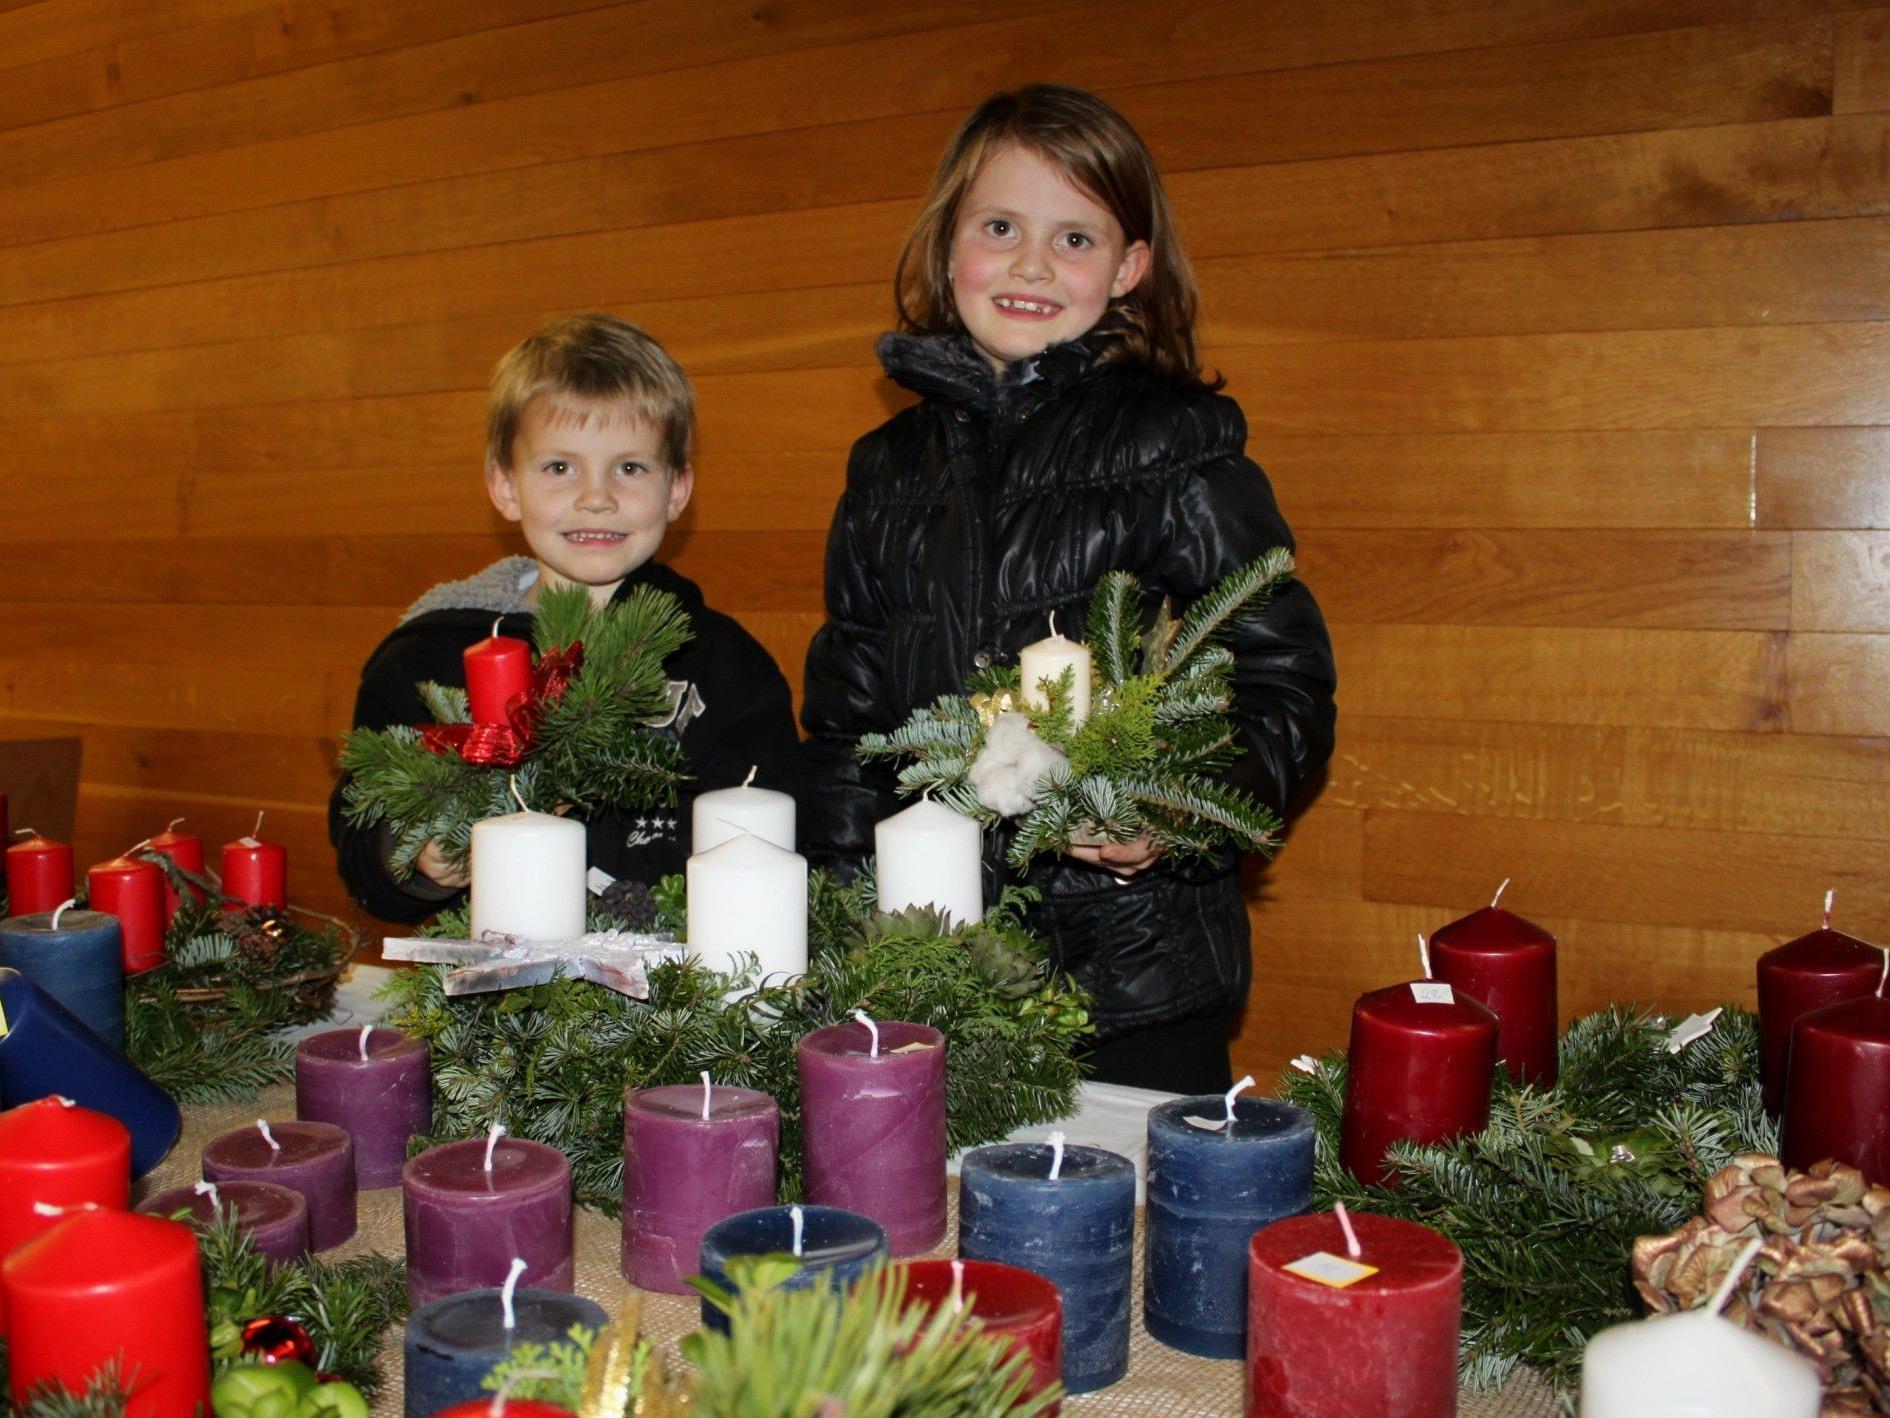 Die Kinder stehen an diesem Adventbastelnachmittag natürlich im Mittelpunkt.